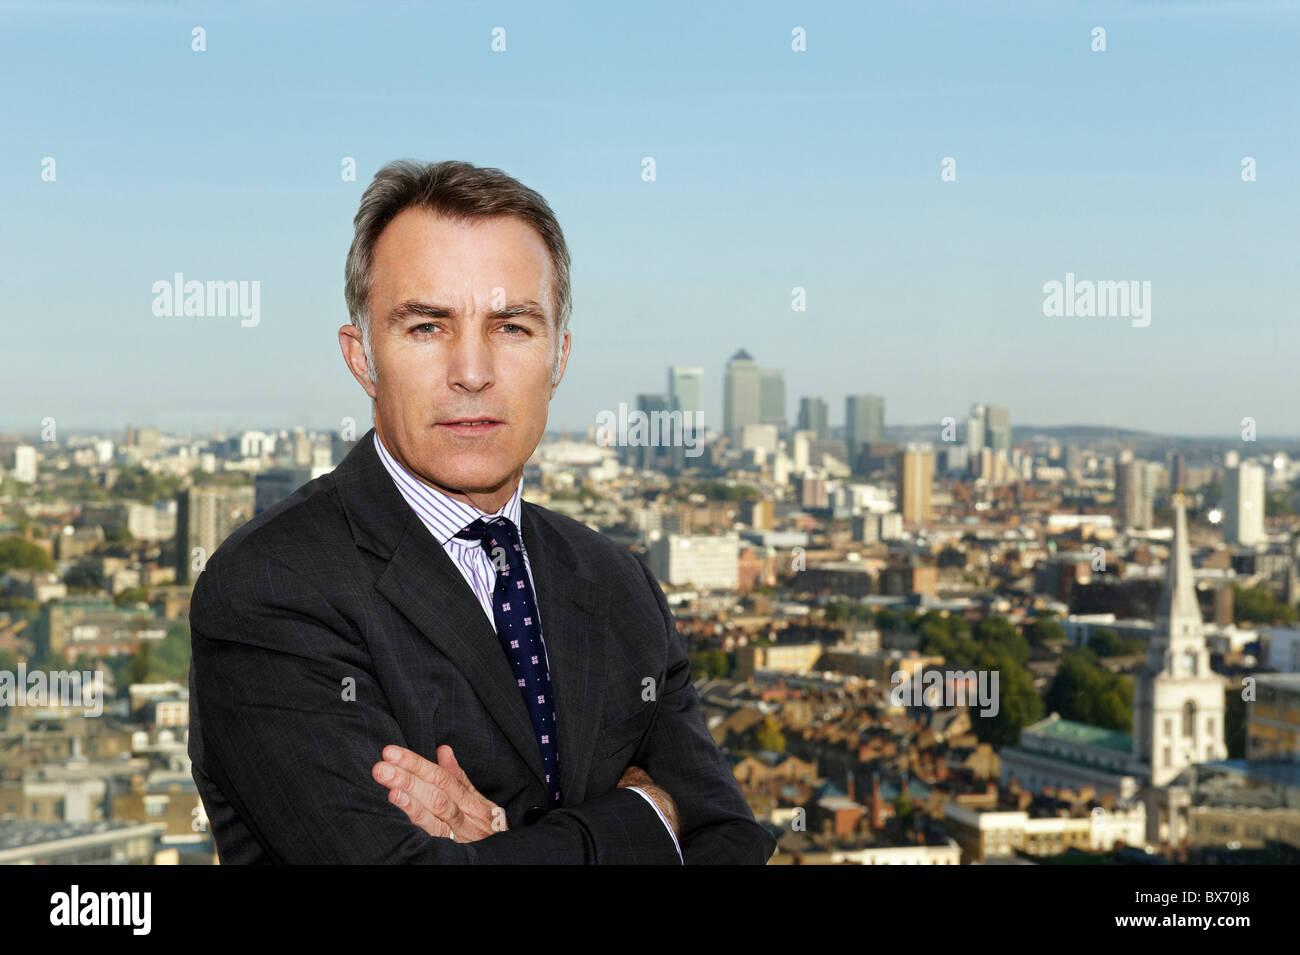 Retrato de ejecutivo con vista del paisaje de la ciudad detrás de él Foto de stock